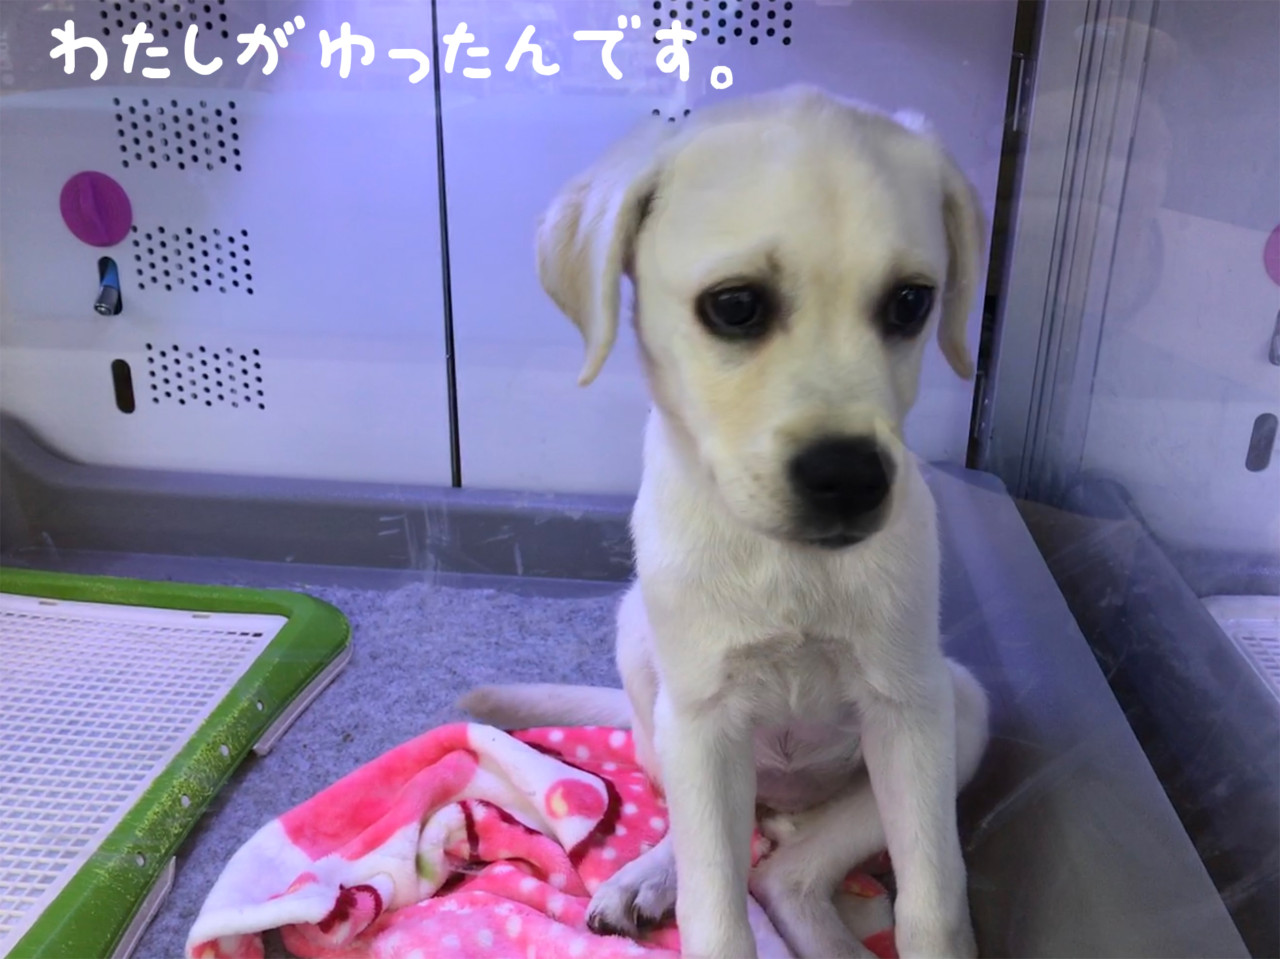 犬を迎えた時の体験談|世界一幸せなラブラドールの育て方